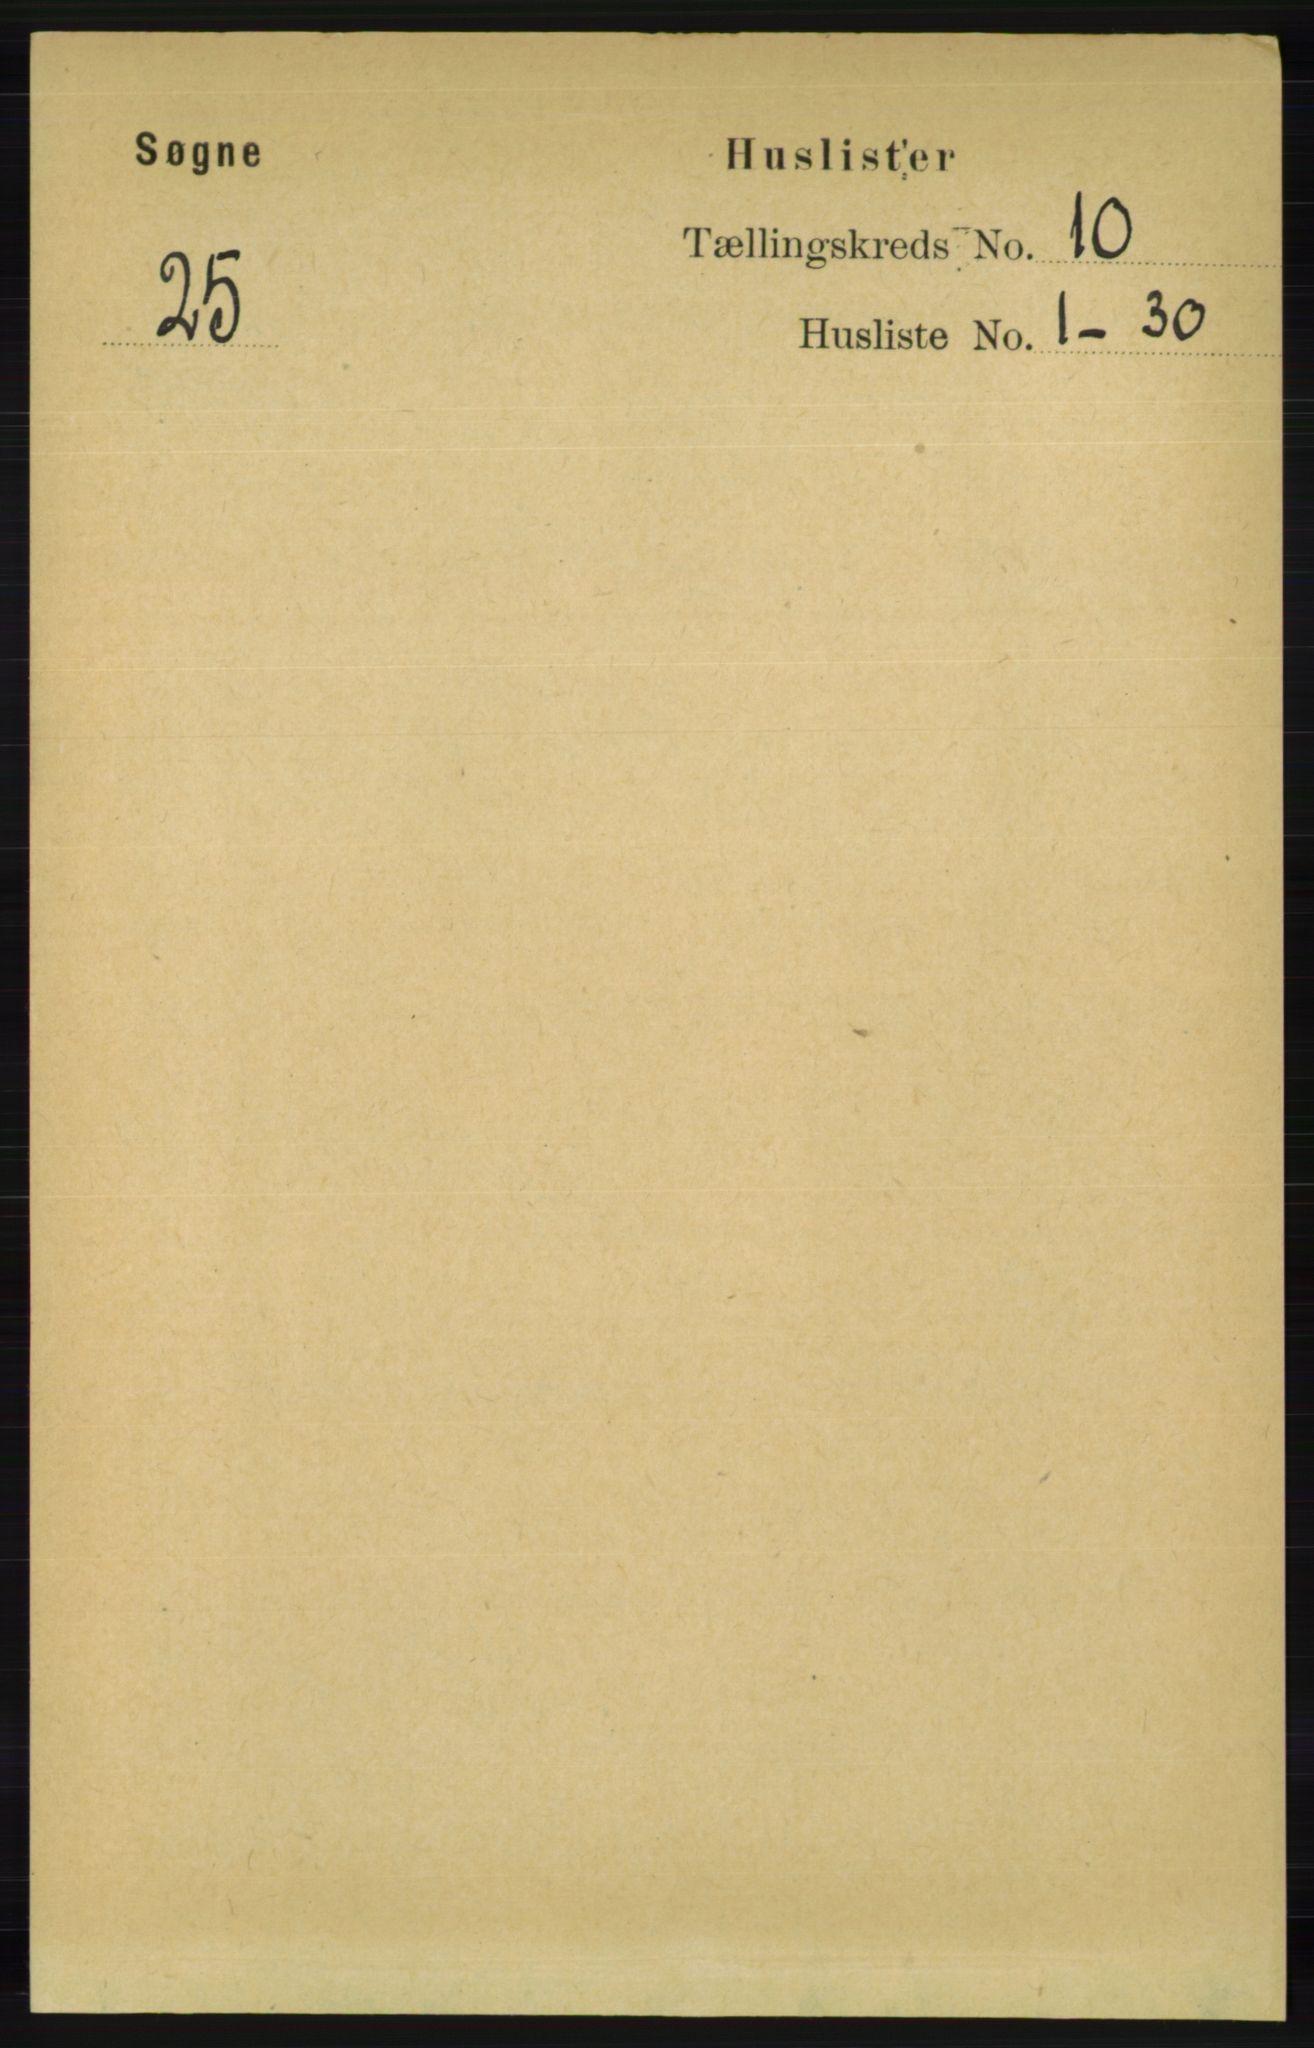 RA, Folketelling 1891 for 1018 Søgne herred, 1891, s. 2677